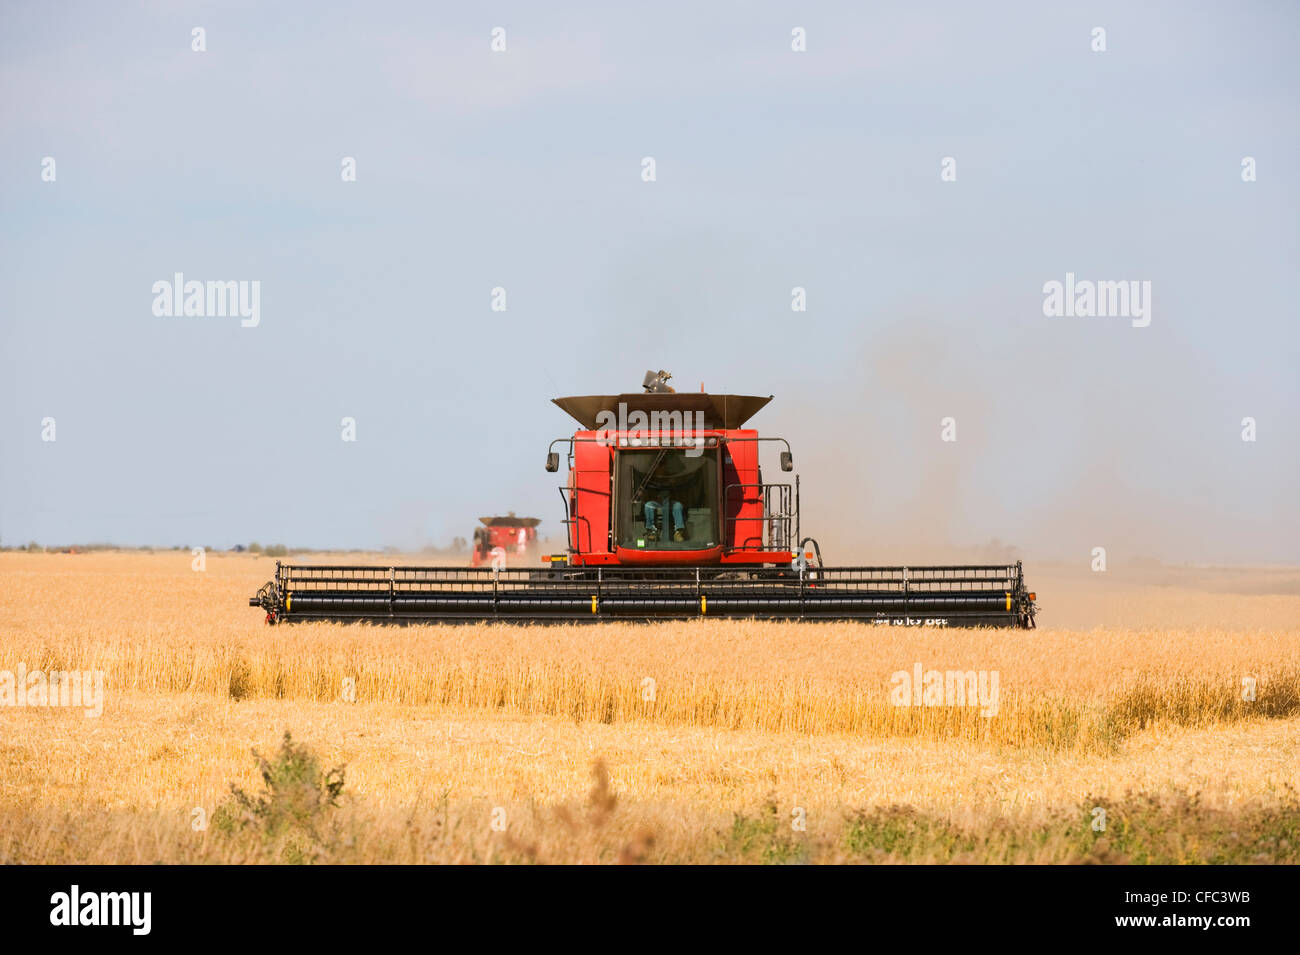 Combinant les agriculteurs pourraient utiliser propre moissonneuse-batteuse Photo Stock